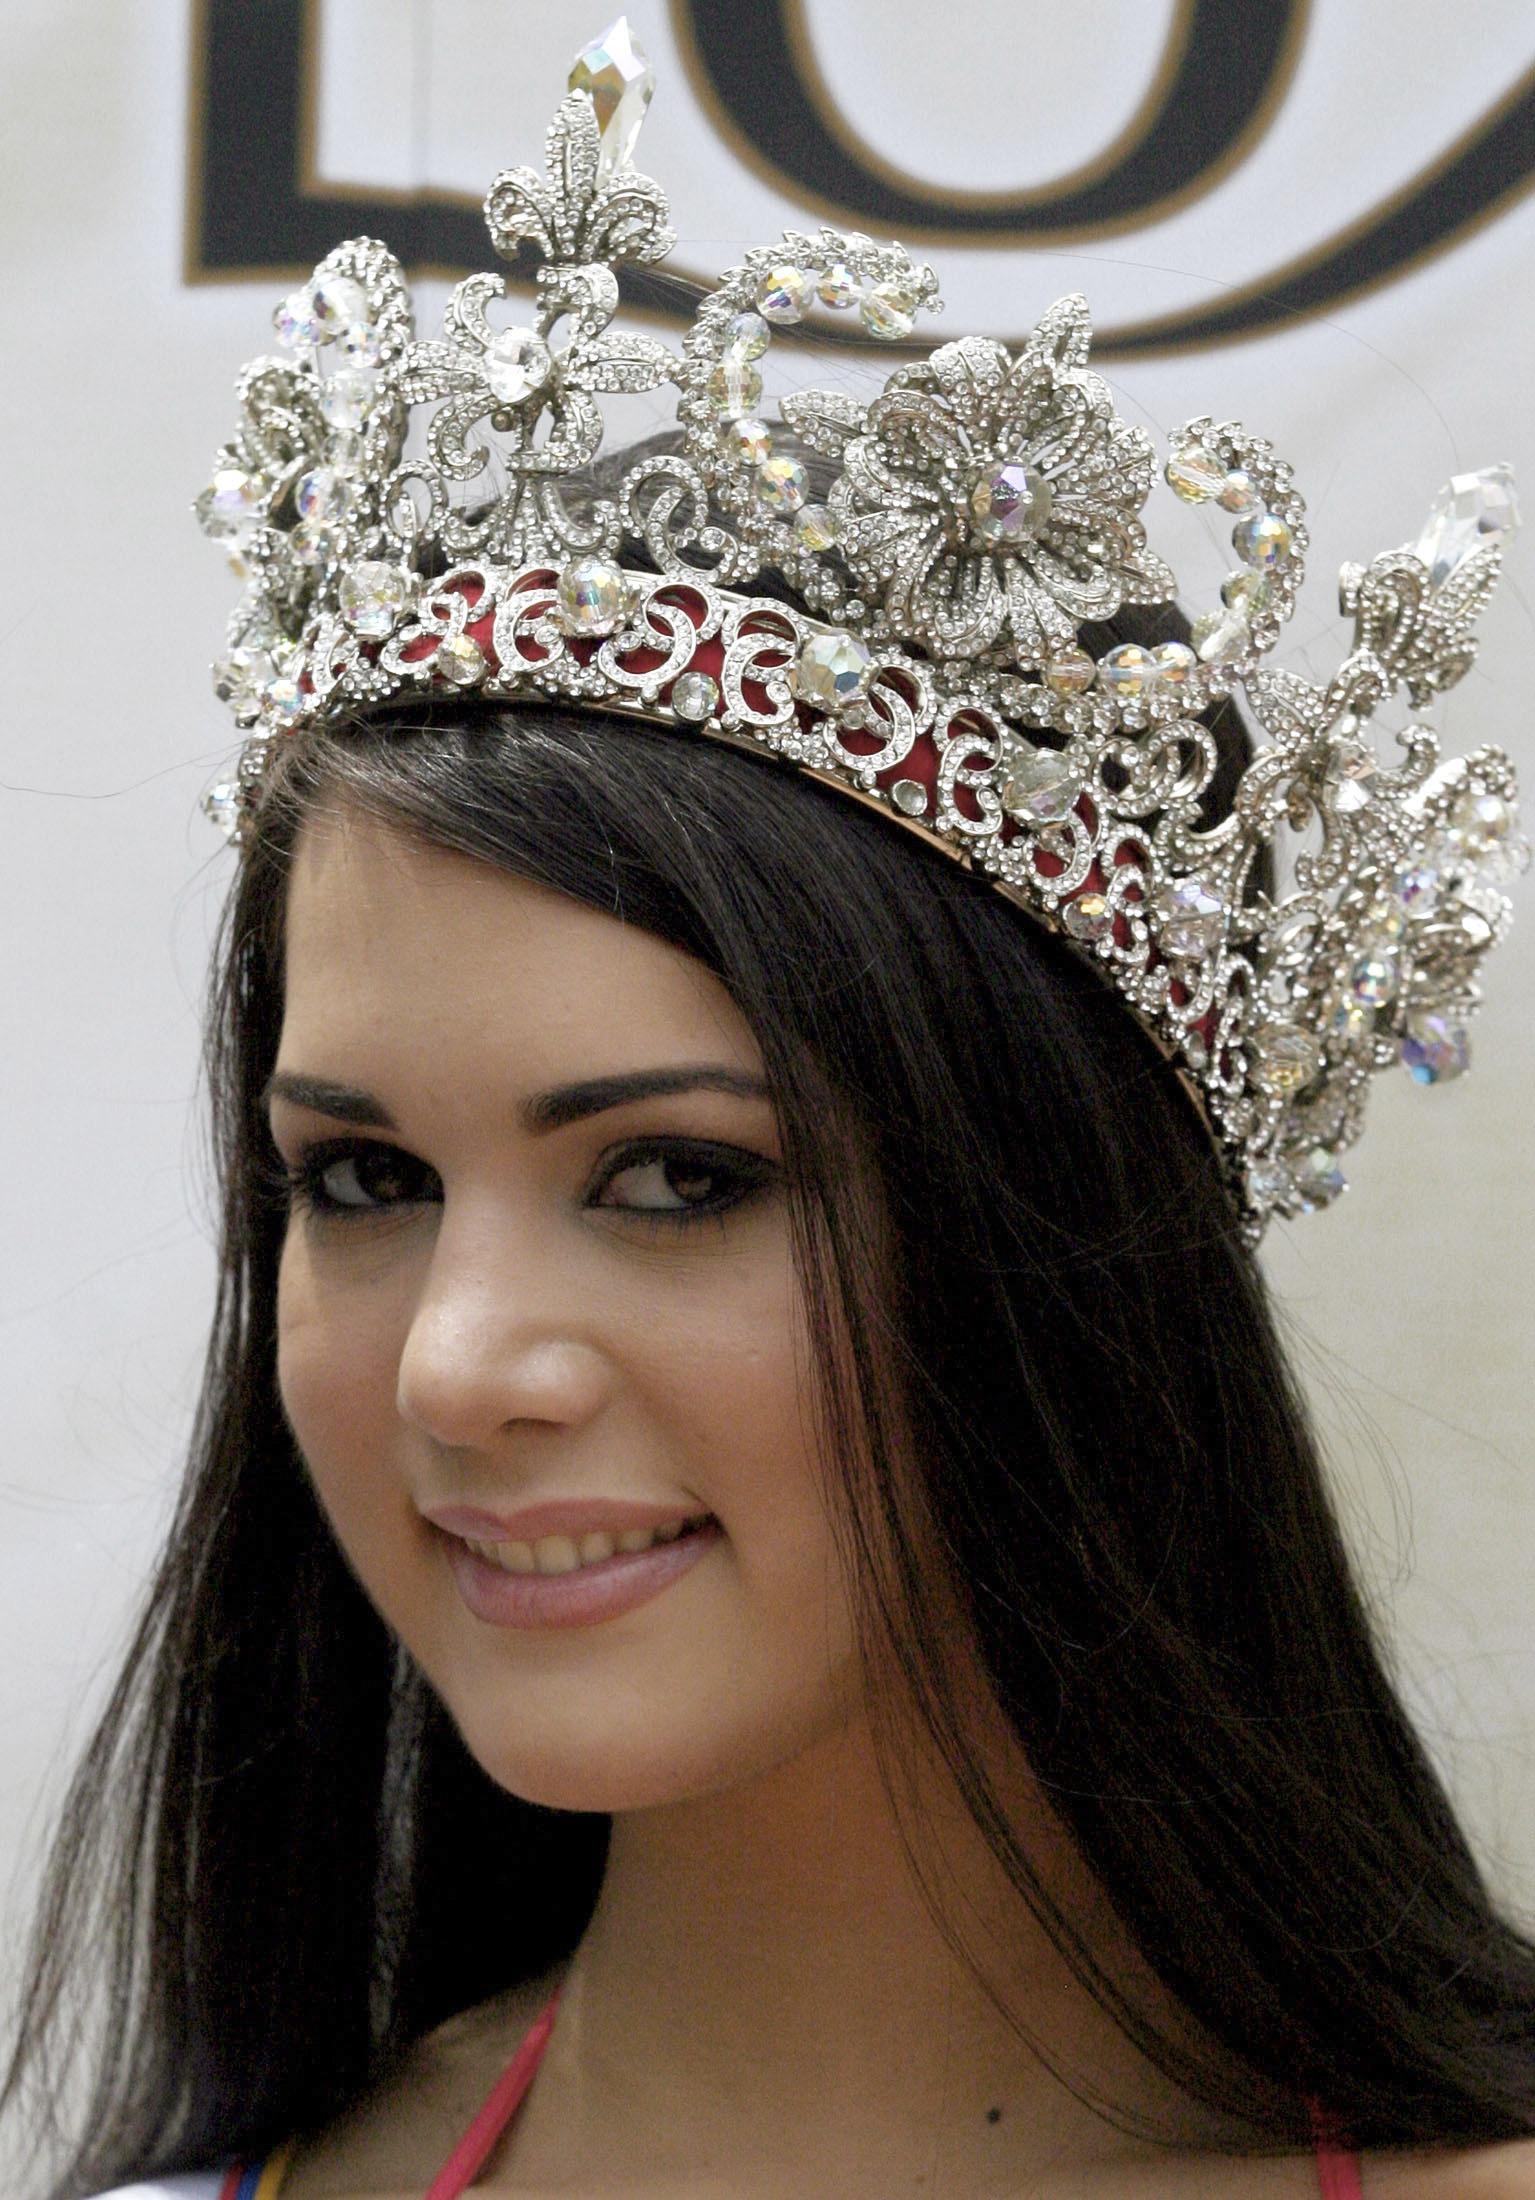 Mónica Spear en el certamen Miss Universo 2005 (Fotos)